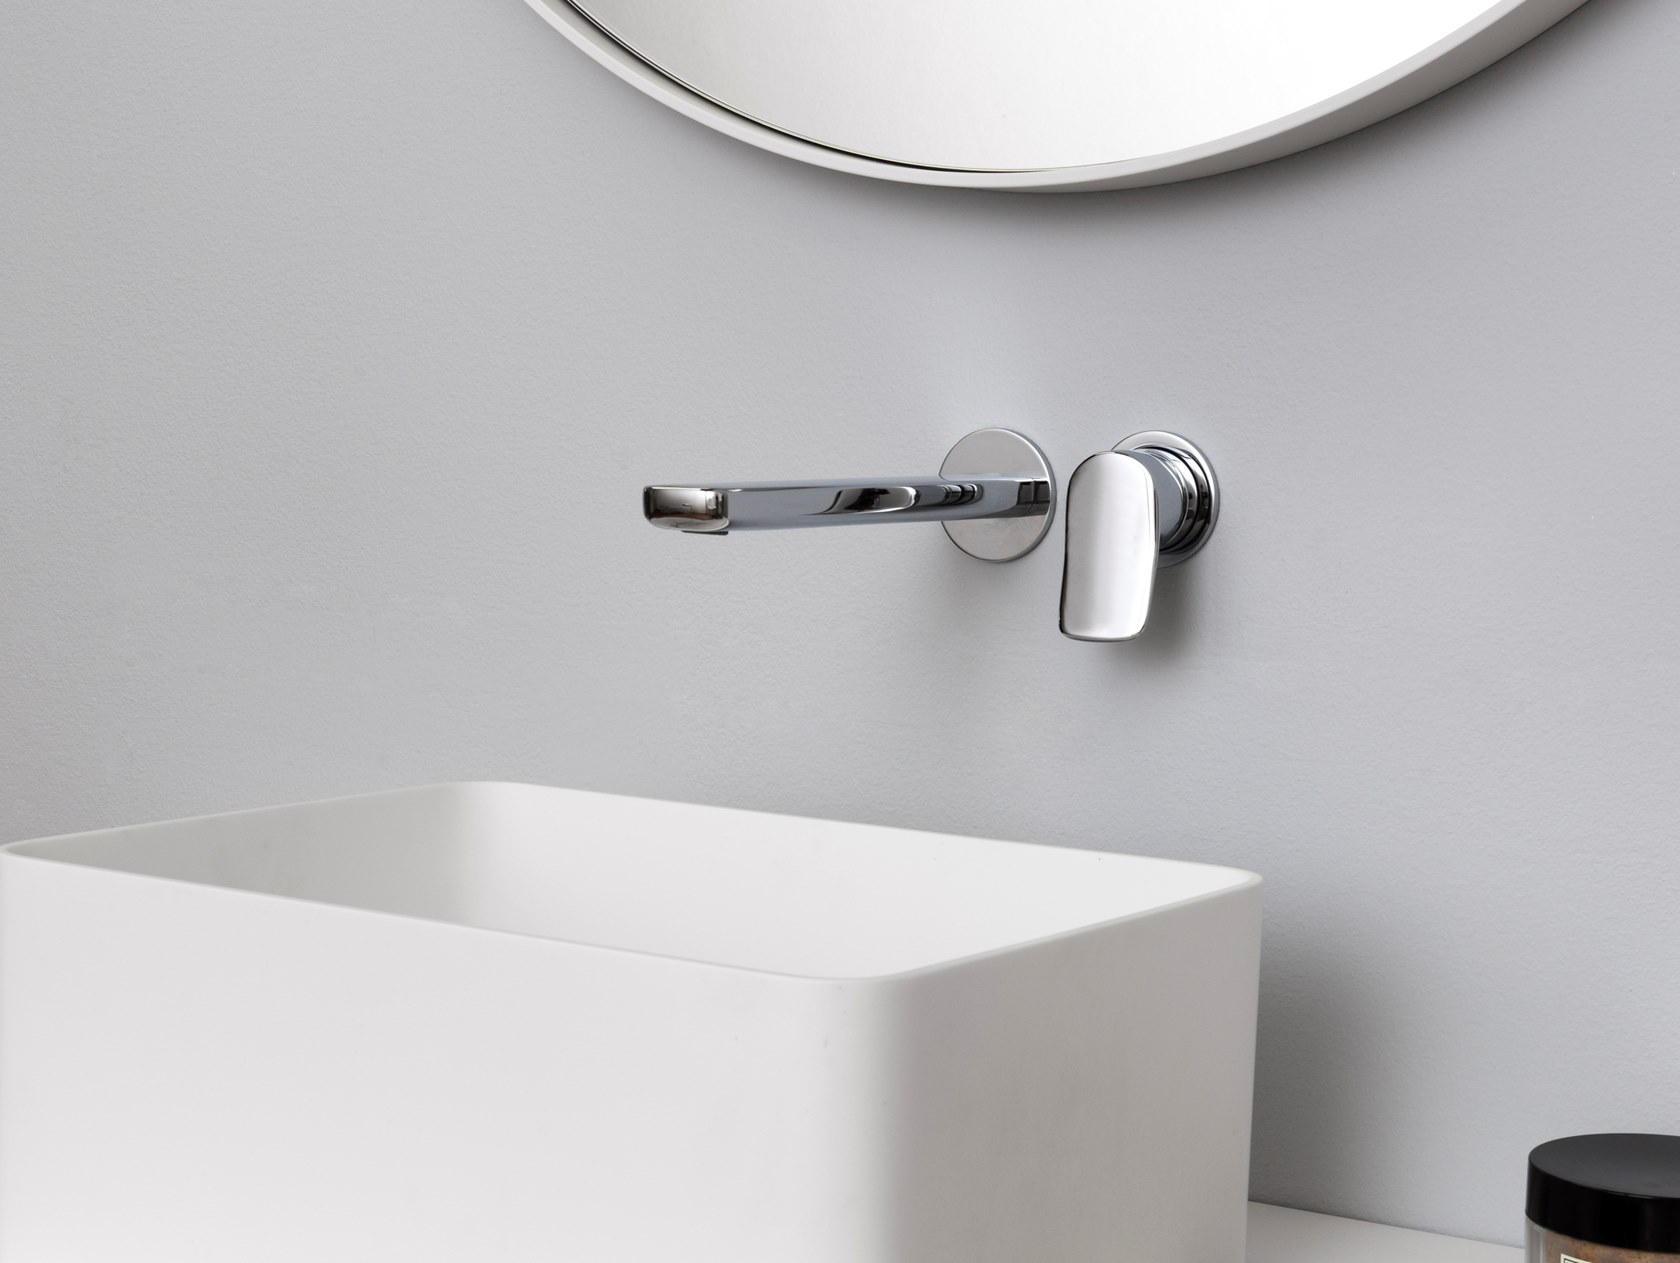 Miscelatore A Muro Per Lavabo brim | miscelatore per lavabo a muro collezione brim by